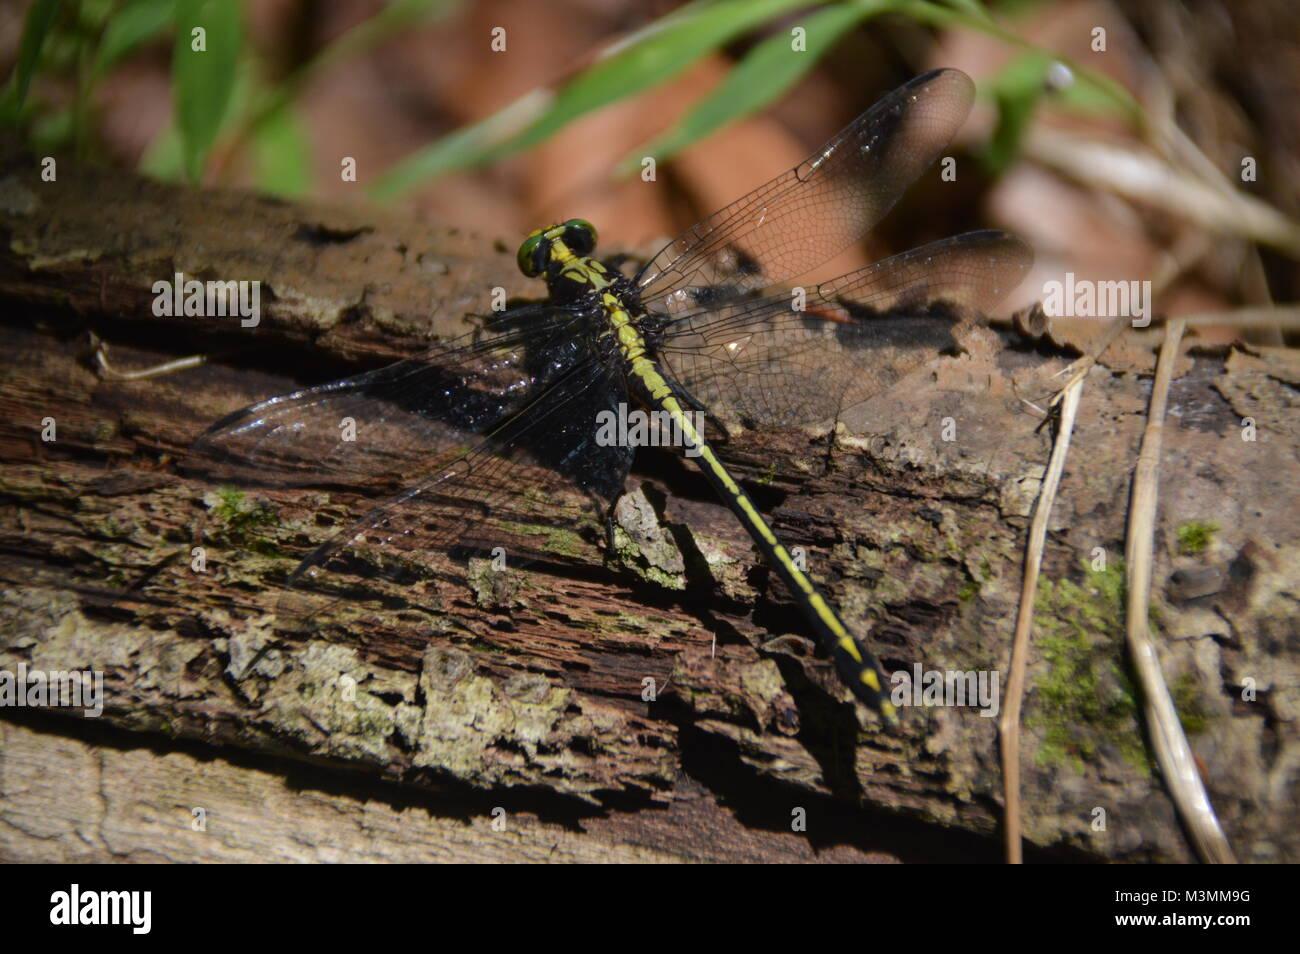 Eine grüne und schwarze Libelle auf mit einigen greenage im Hintergrund des Bildes. Stockbild